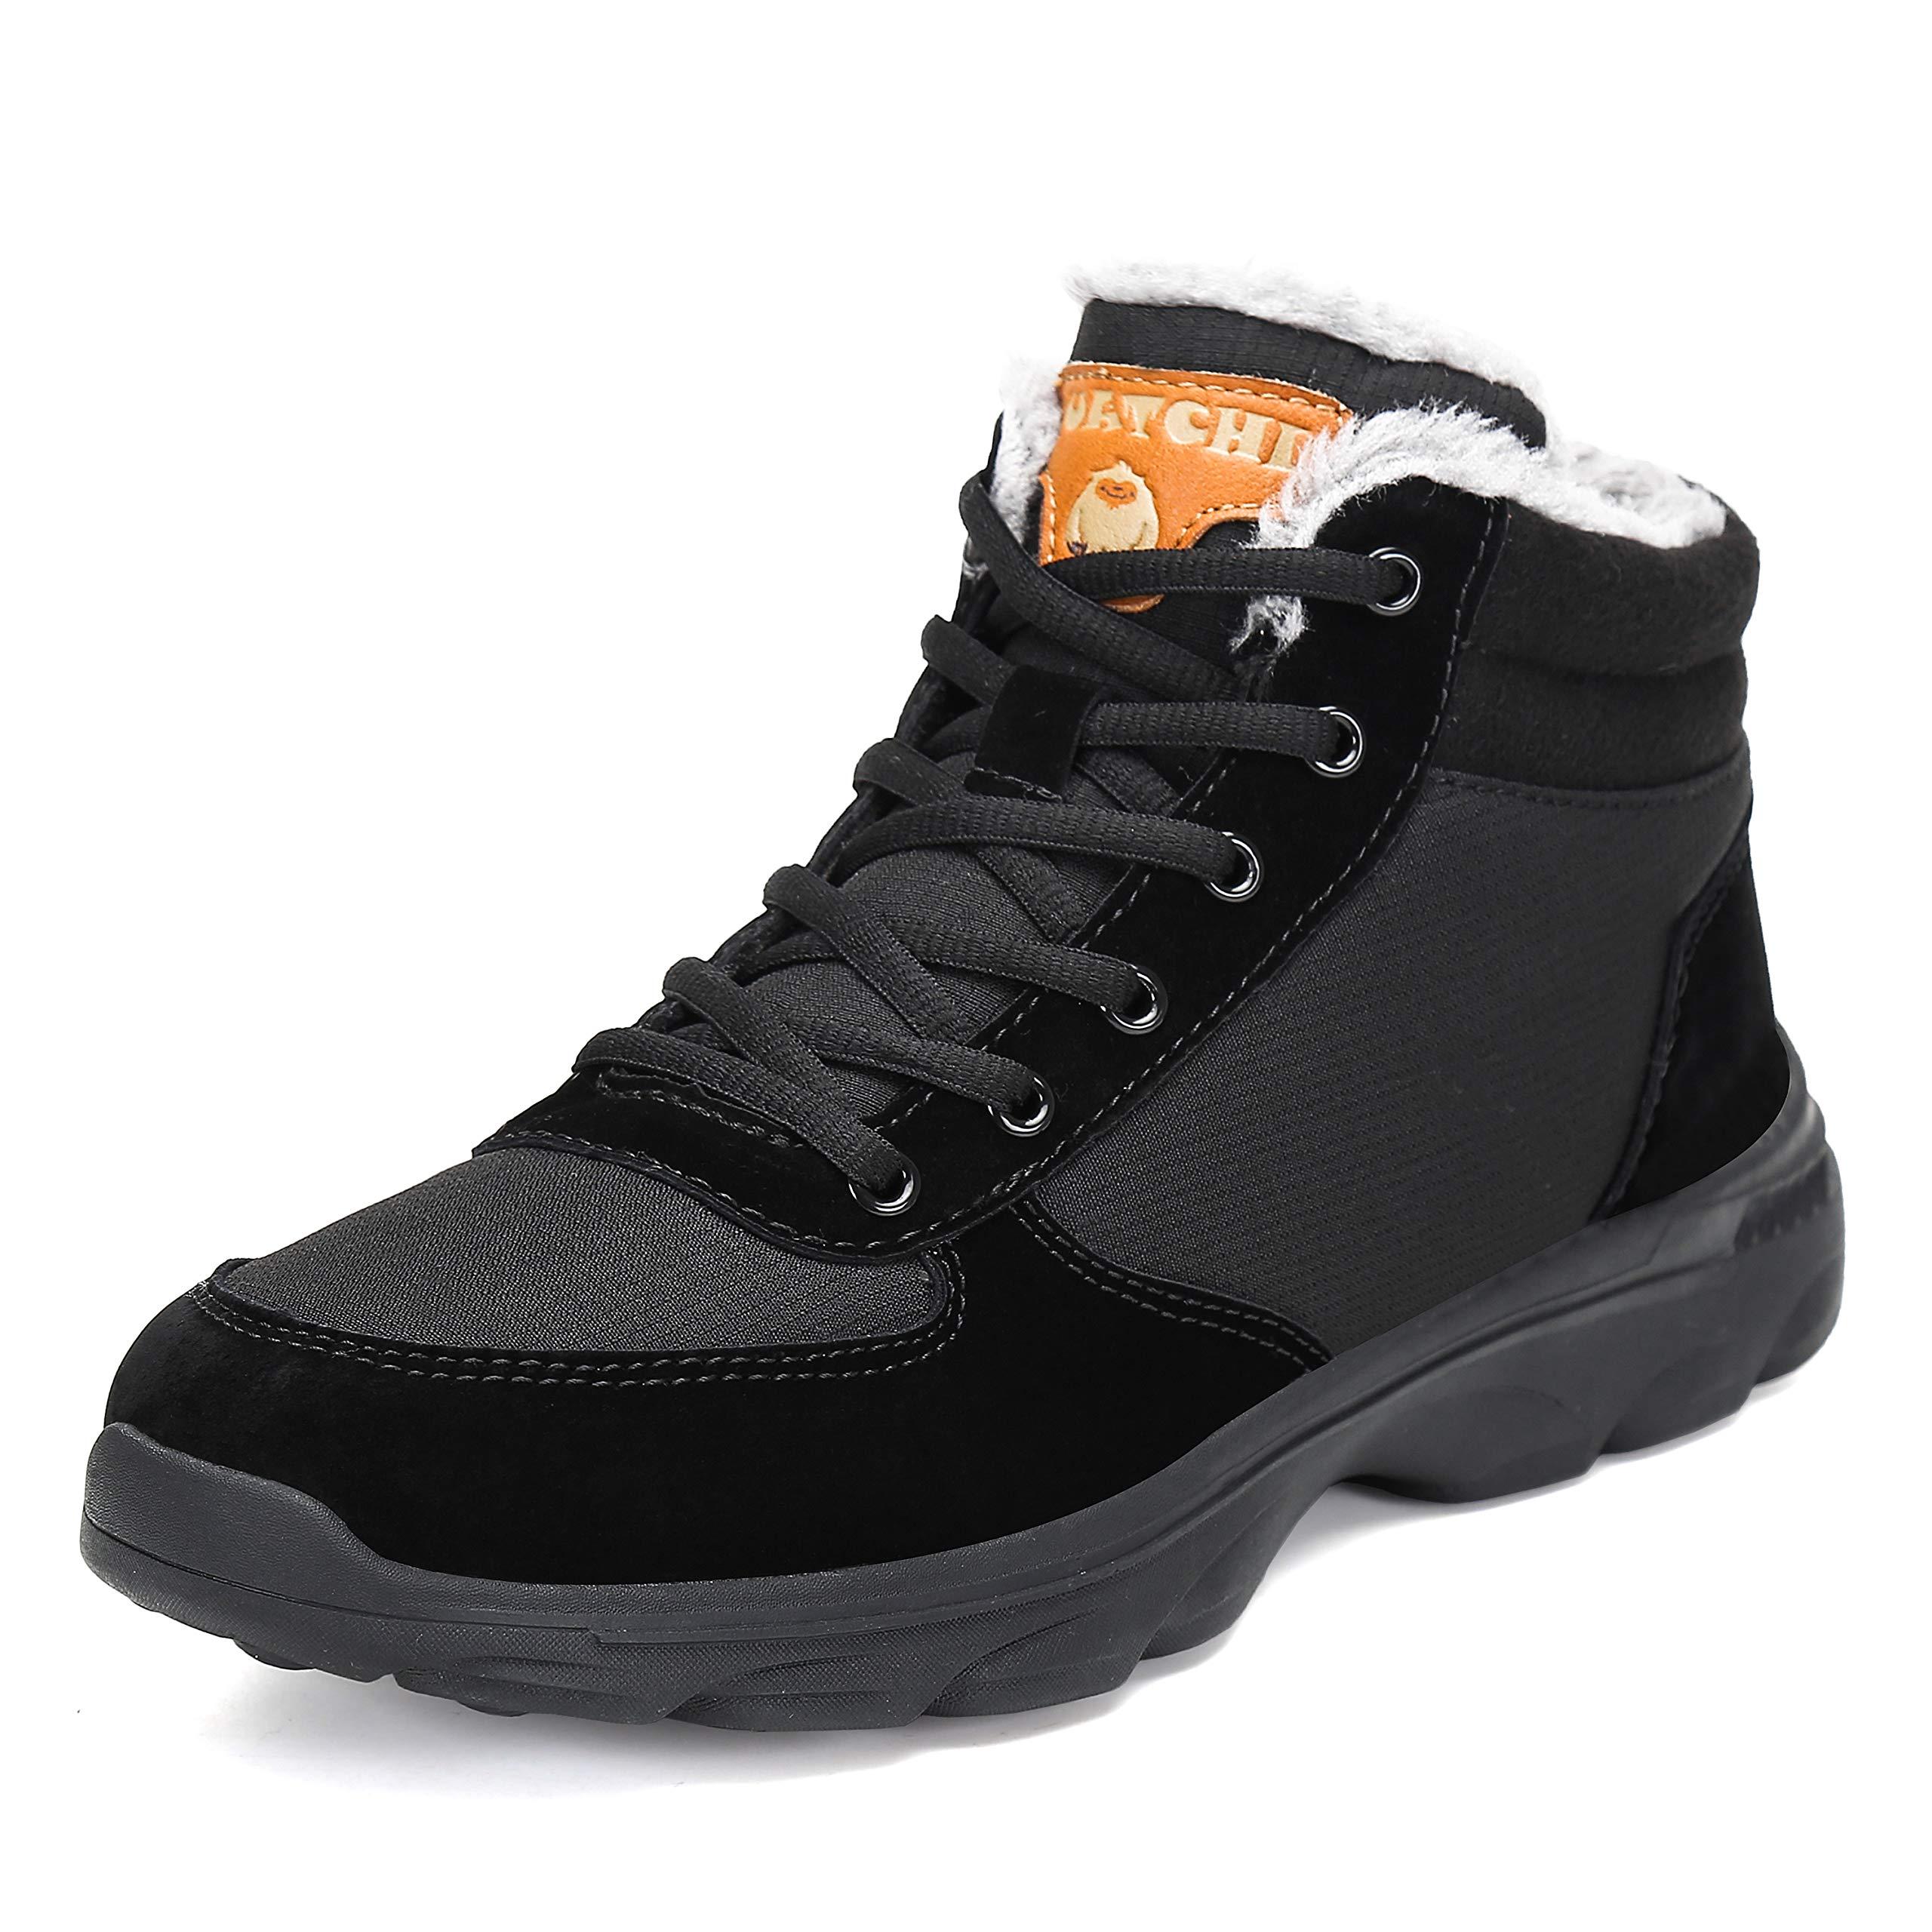 Pastaza Scarpe da Trekking Uomo Donna Stivali da Escursionismo Invernali  Impermeabile Outdoor Sneakers product image 41043dab0ff